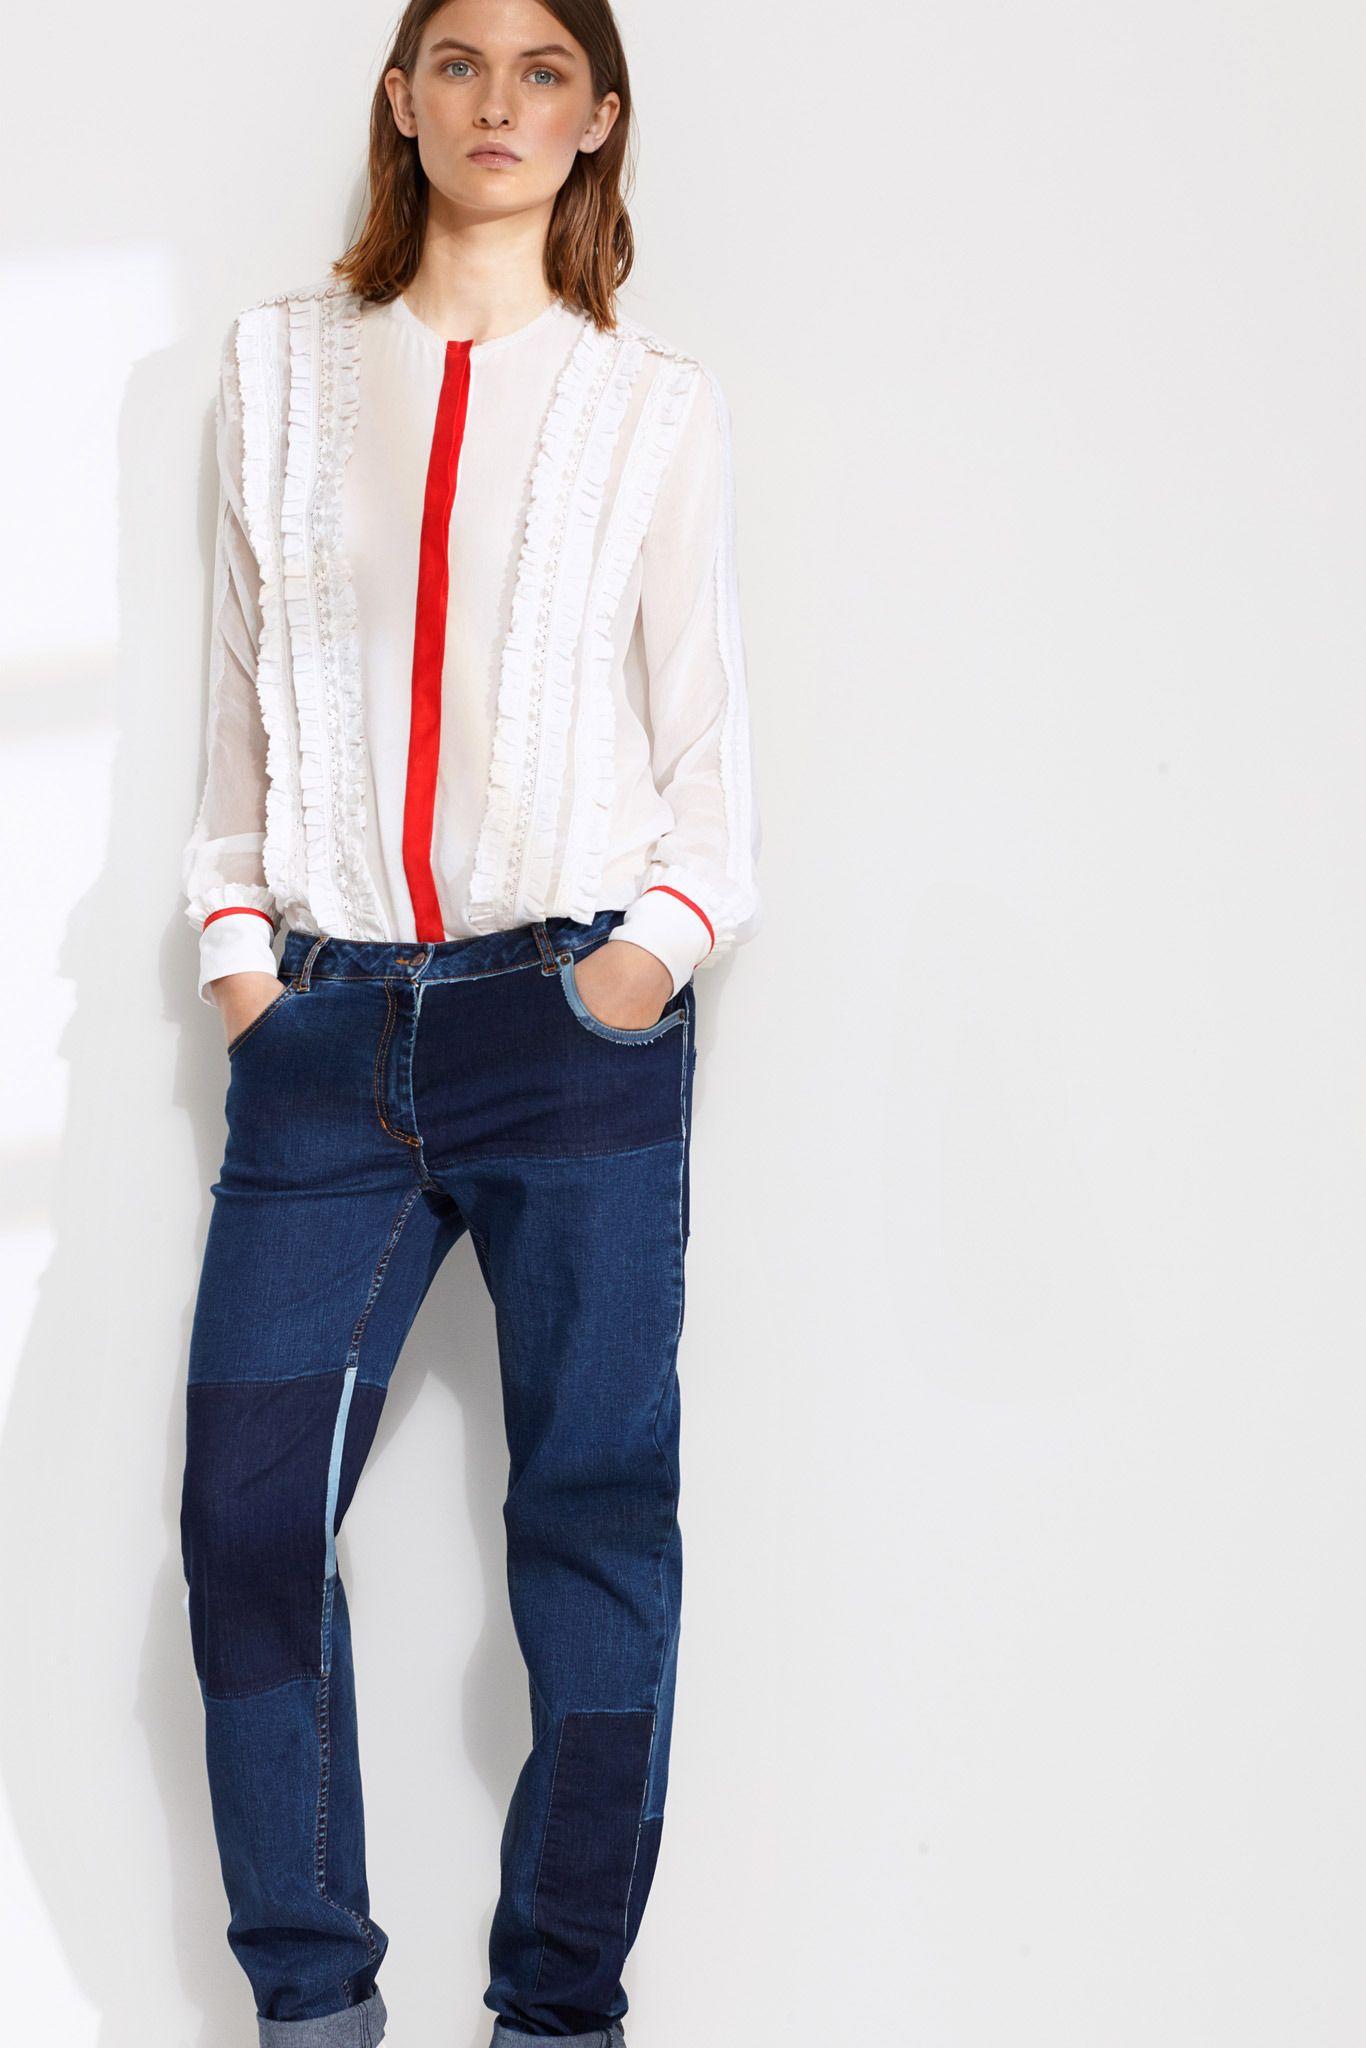 лучшее из коллекции джинсовой одежды